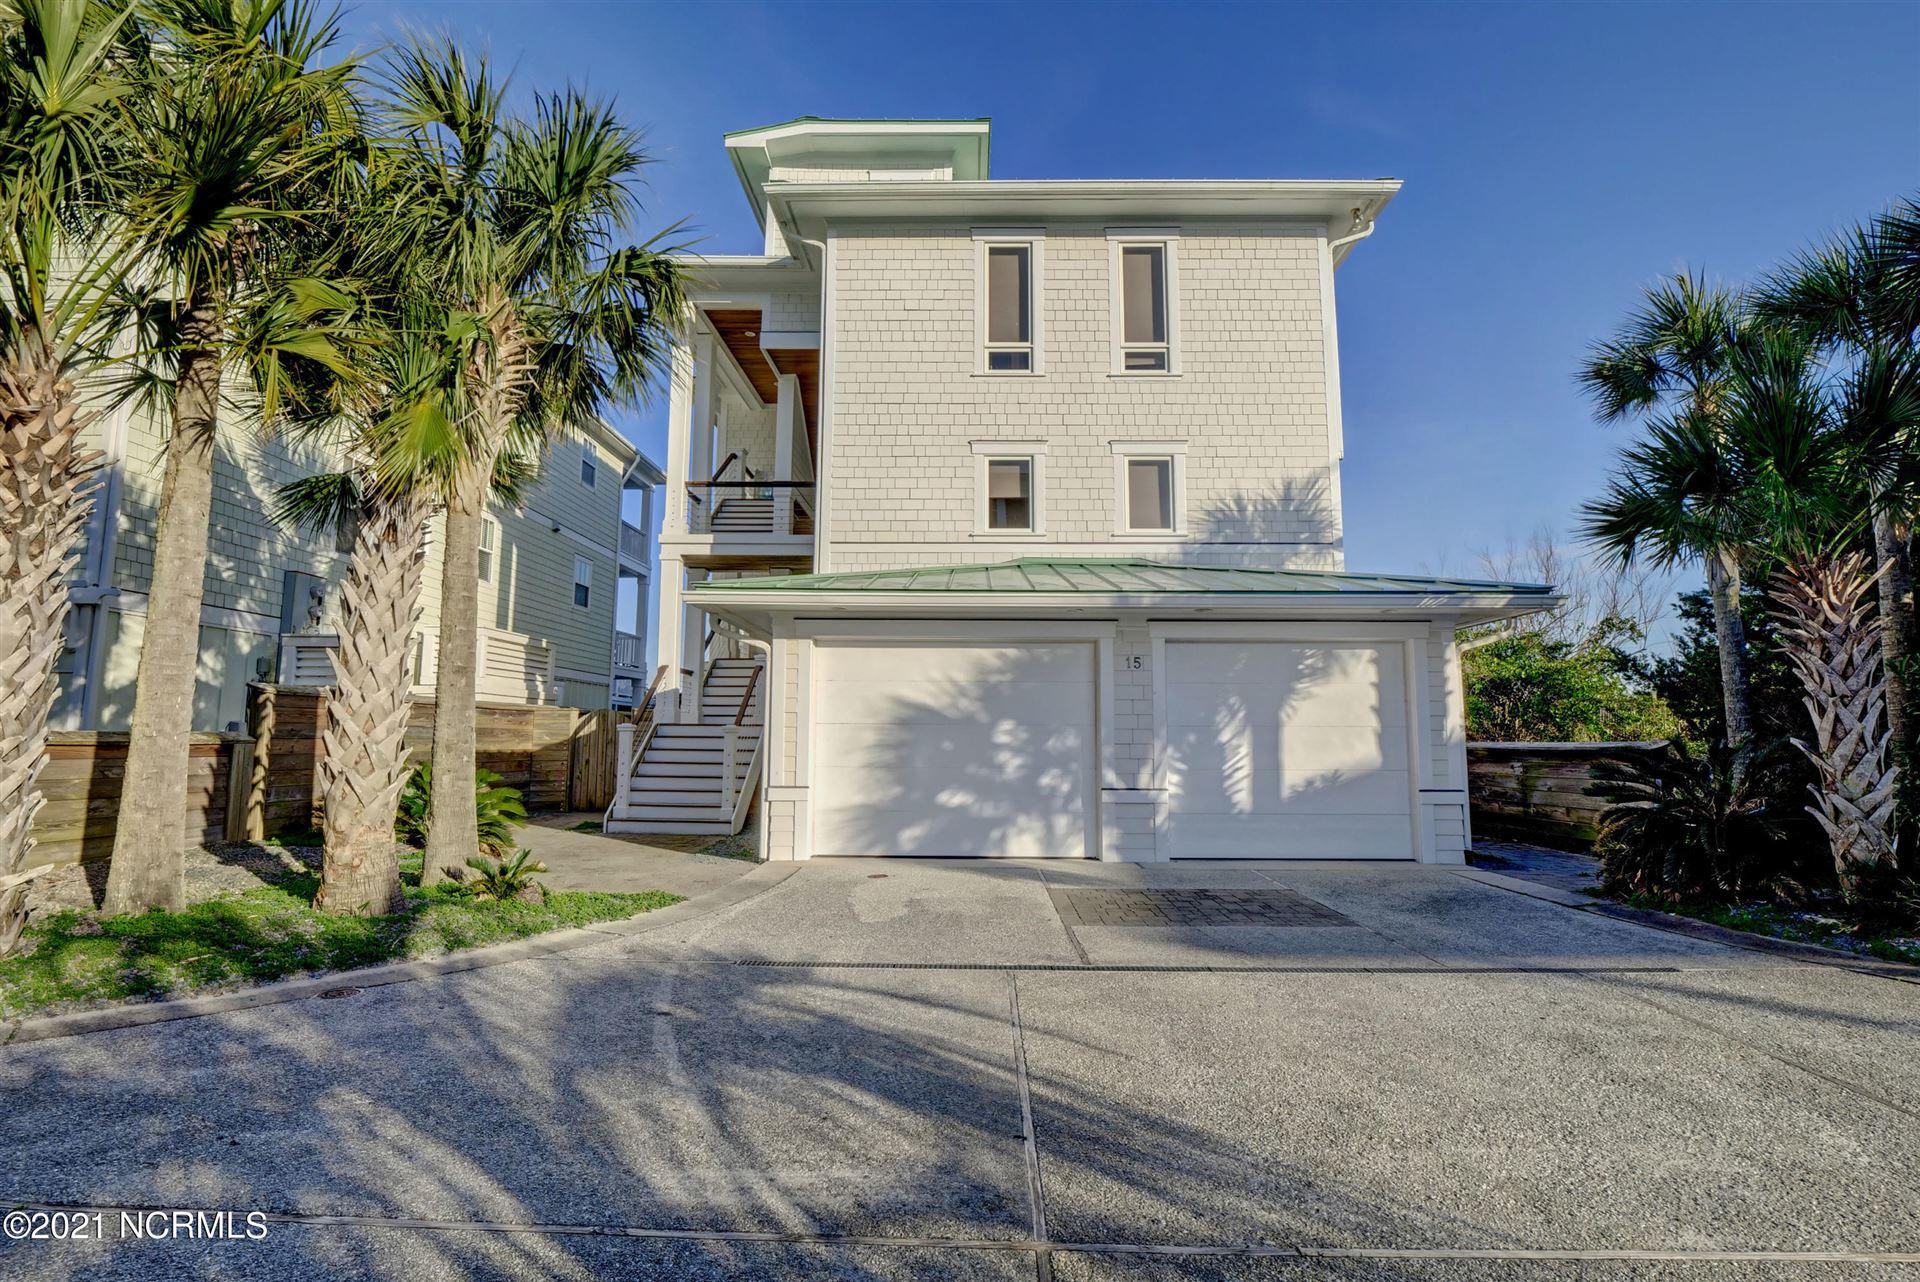 Photo of 15 Heron Street, Wrightsville Beach, NC 28480 (MLS # 100265304)